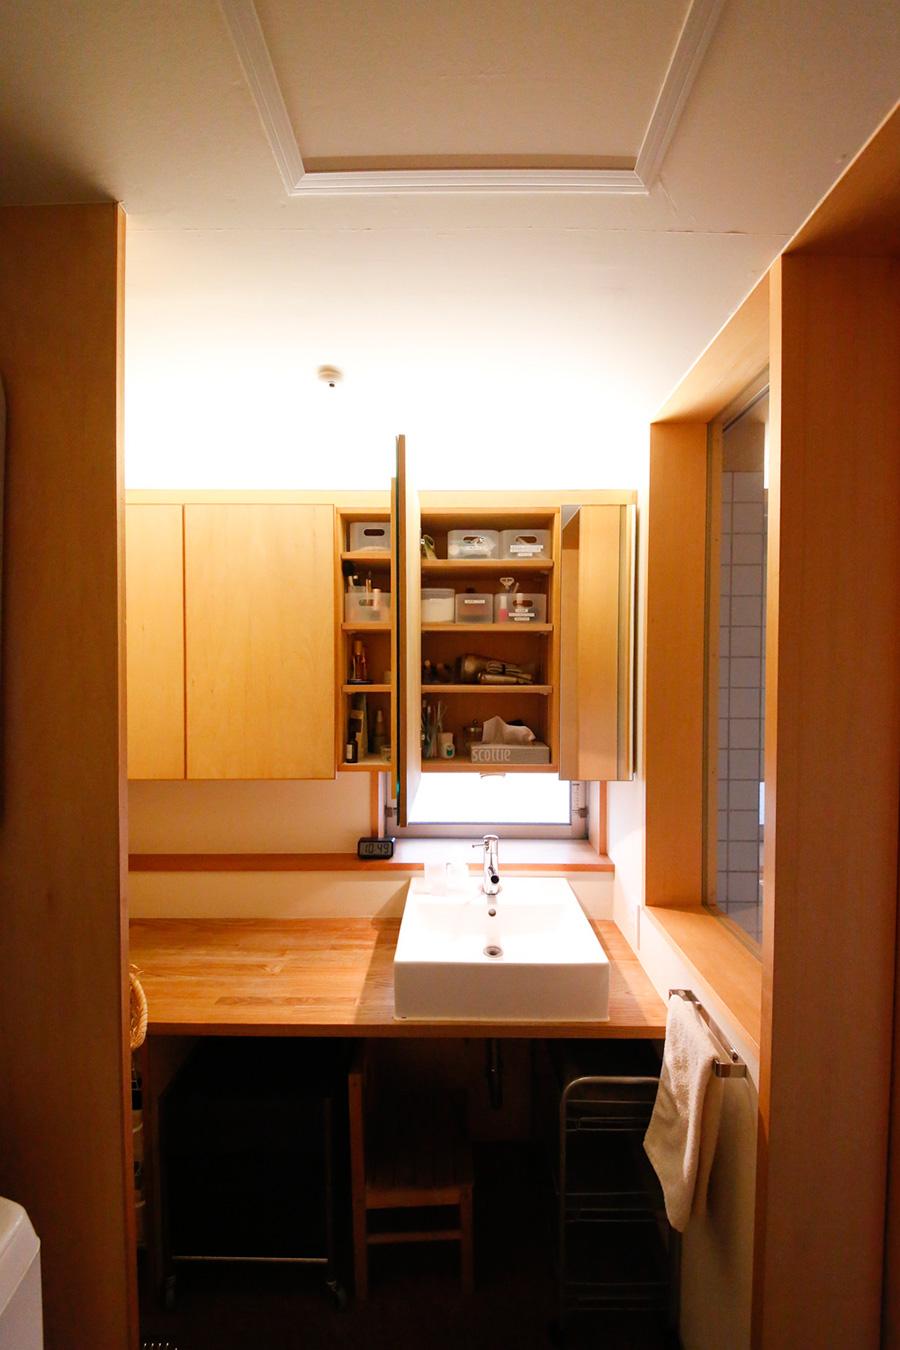 玄関を挟んでクローゼットと反対側にあるのが洗面とバスルーム。帰宅後、部屋に入る前にシャワーや手洗いもできる。